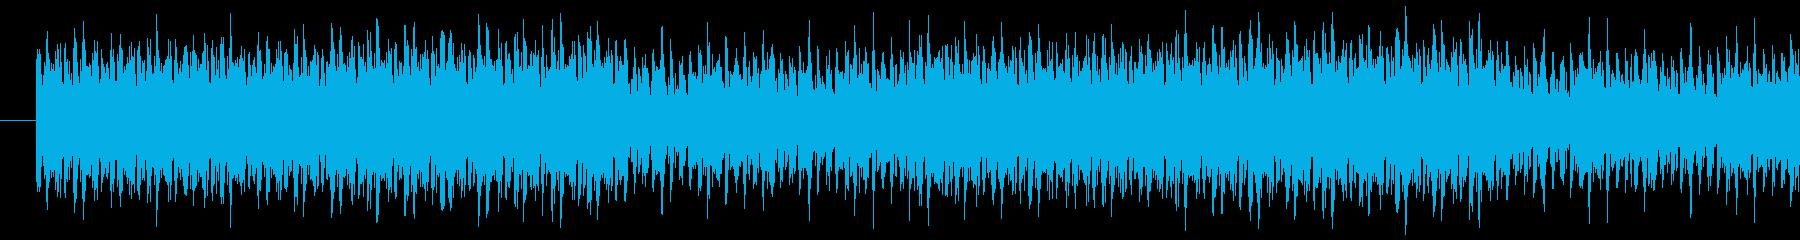 RPG/ダンジョン/アンビエントの再生済みの波形